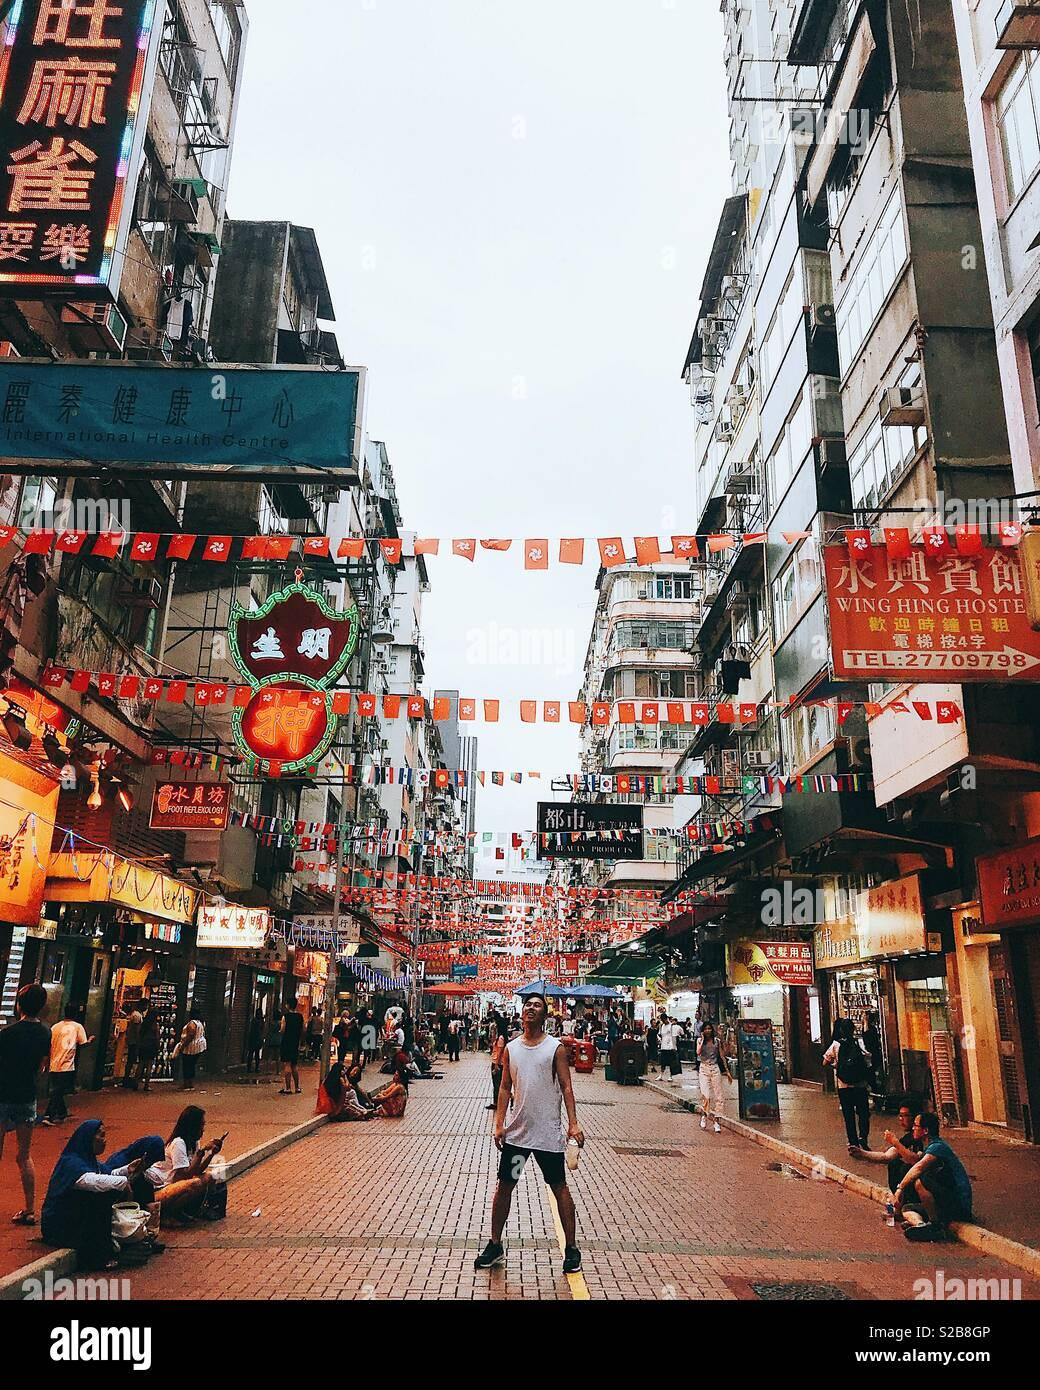 Où pouvez-vous trouver de meilleurs marchés de rue qu'à Hong Kong? Photo Stock